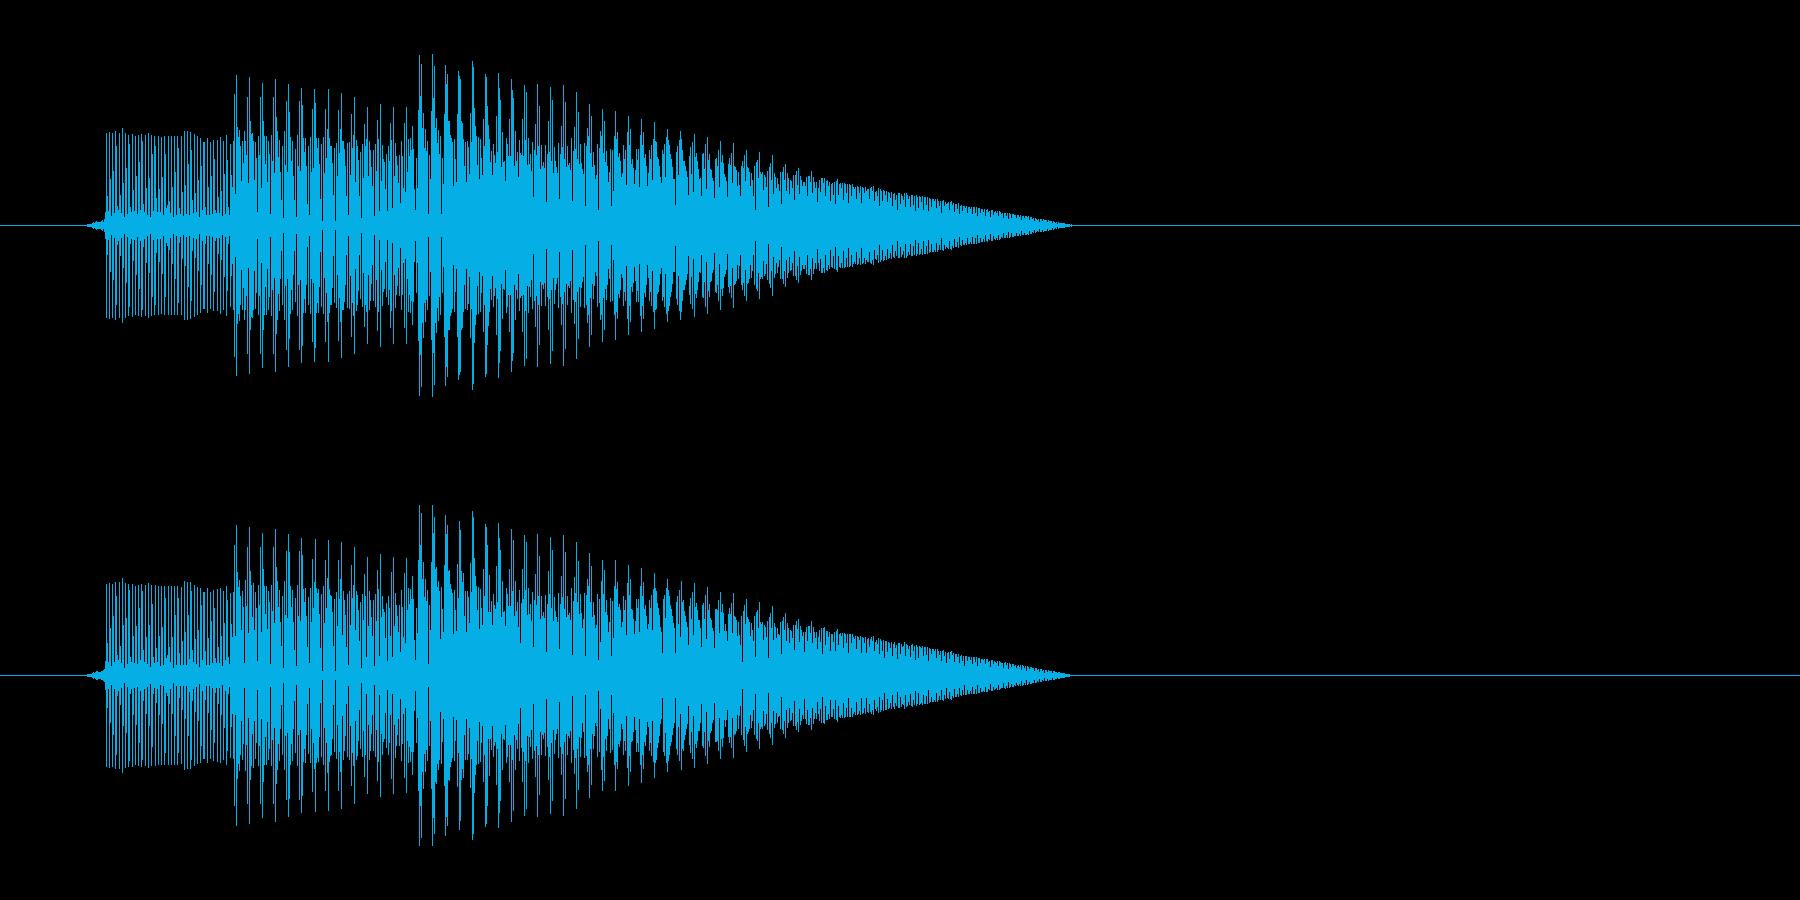 テレレッ↑(アイテム取得、8bit)の再生済みの波形